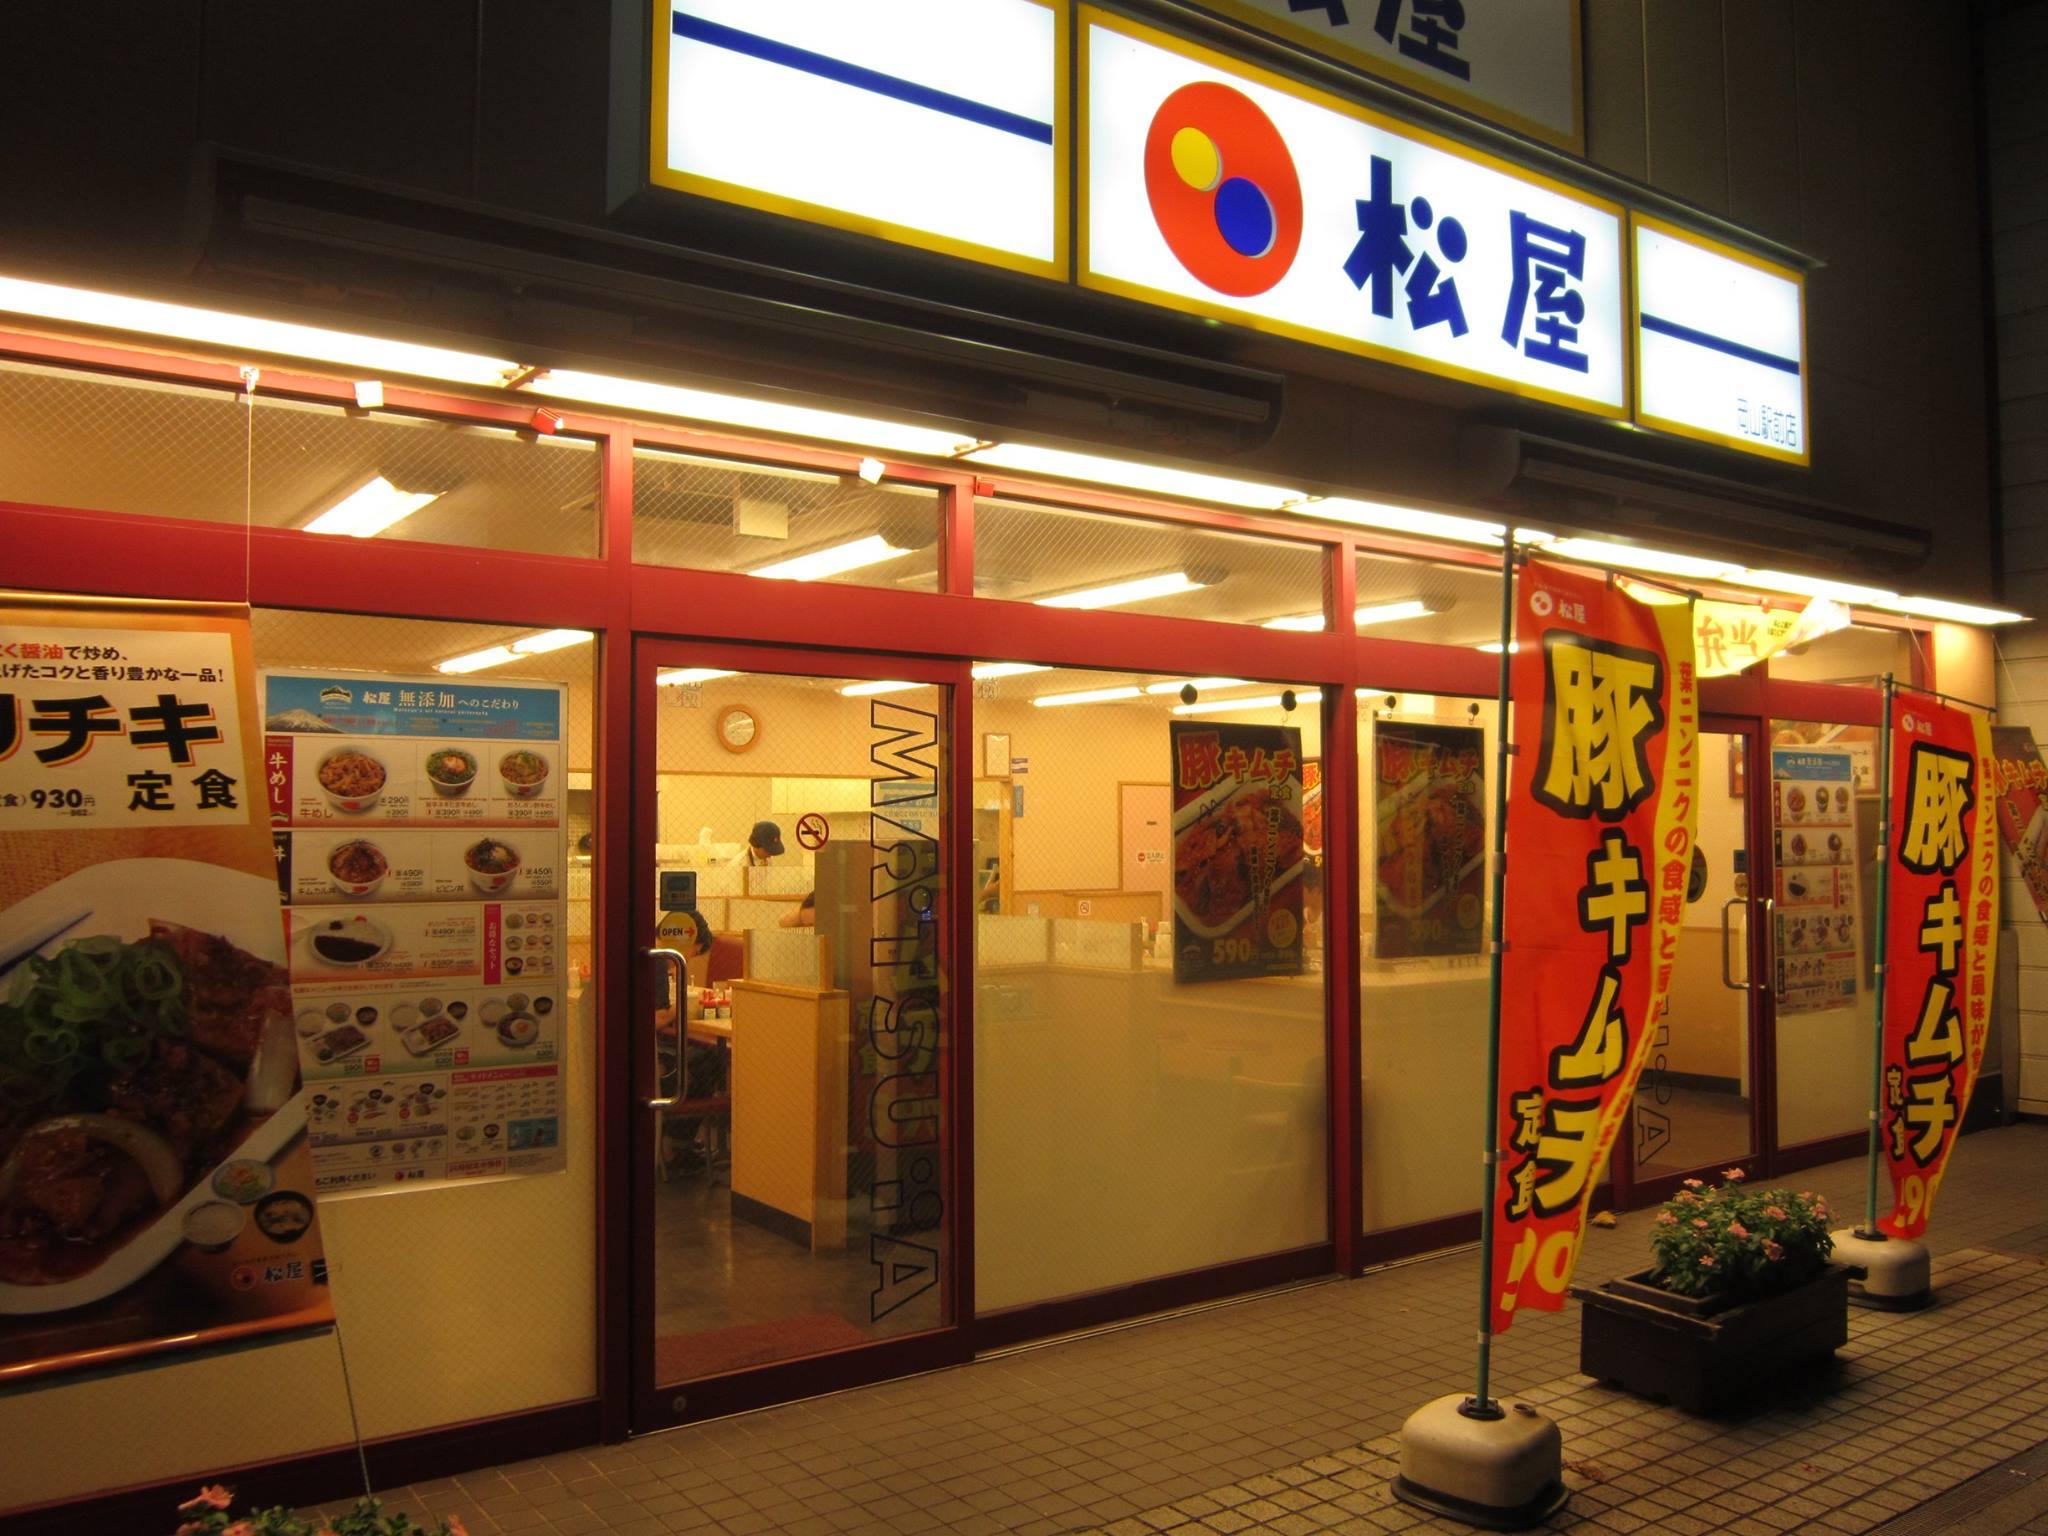 อาหารญี่ปุ่นราคาถูก